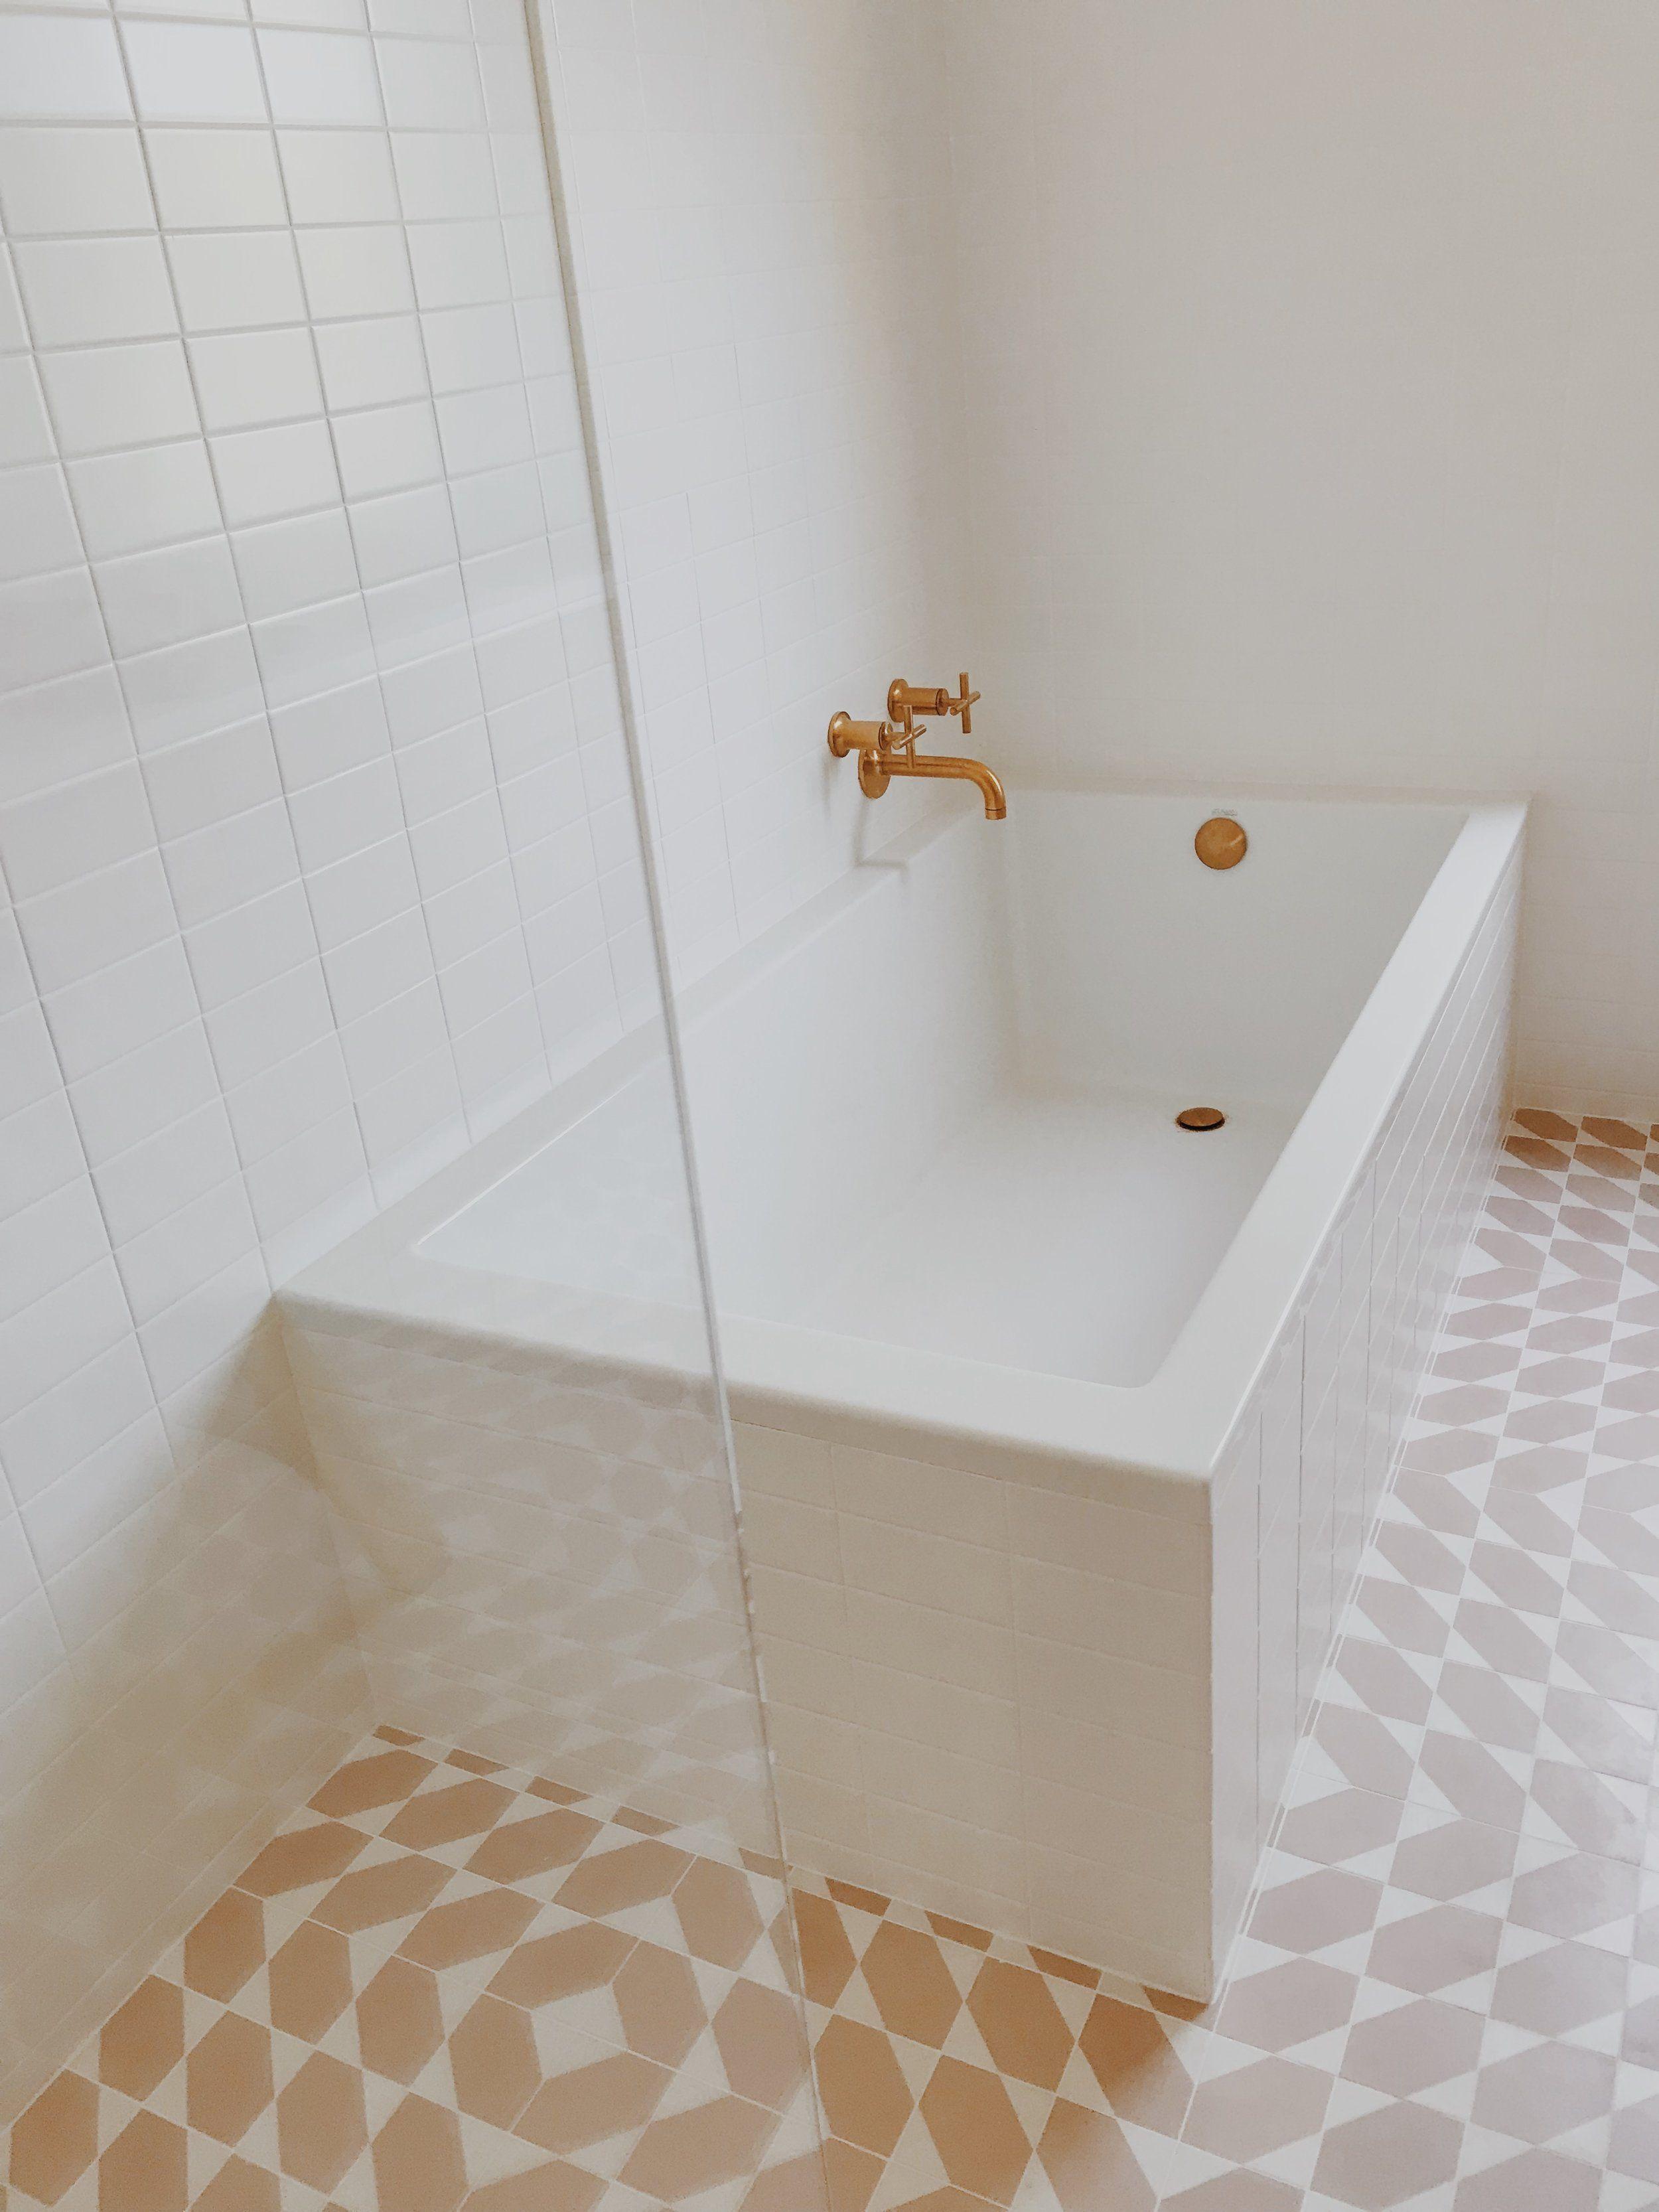 Rendering Tiles Project Technique Architecture Domus3d Is